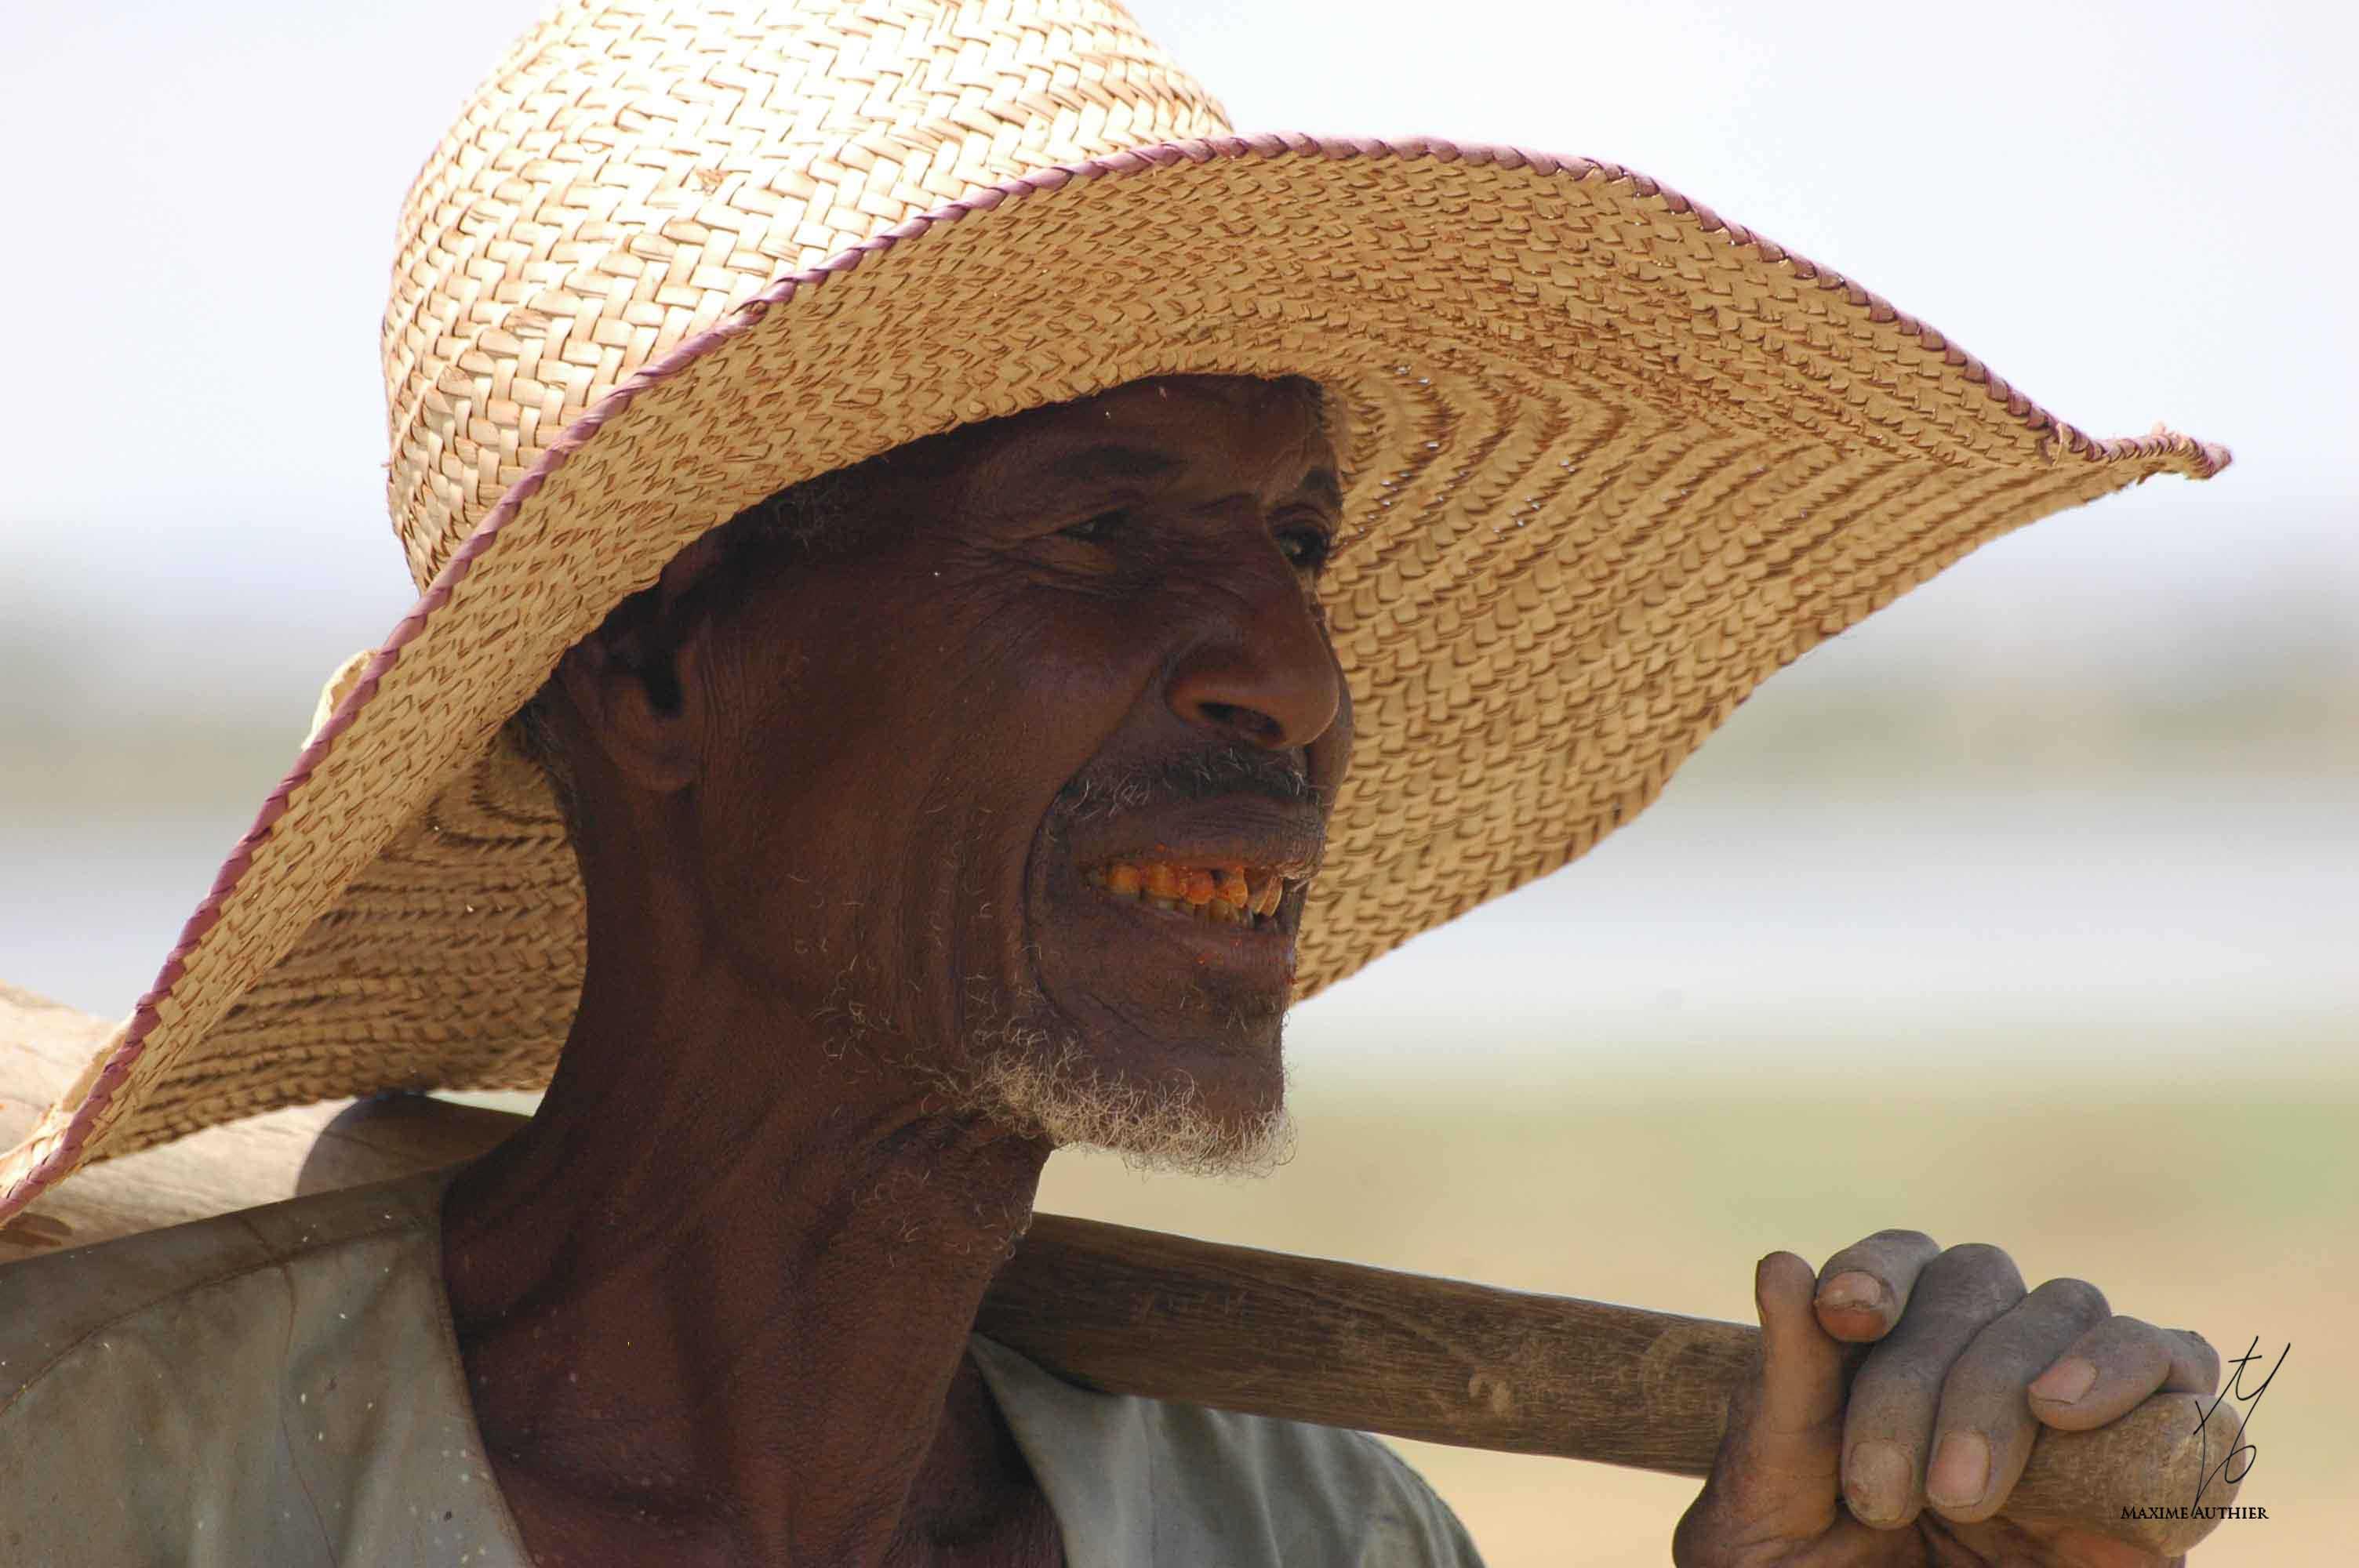 Un paysan au Niger